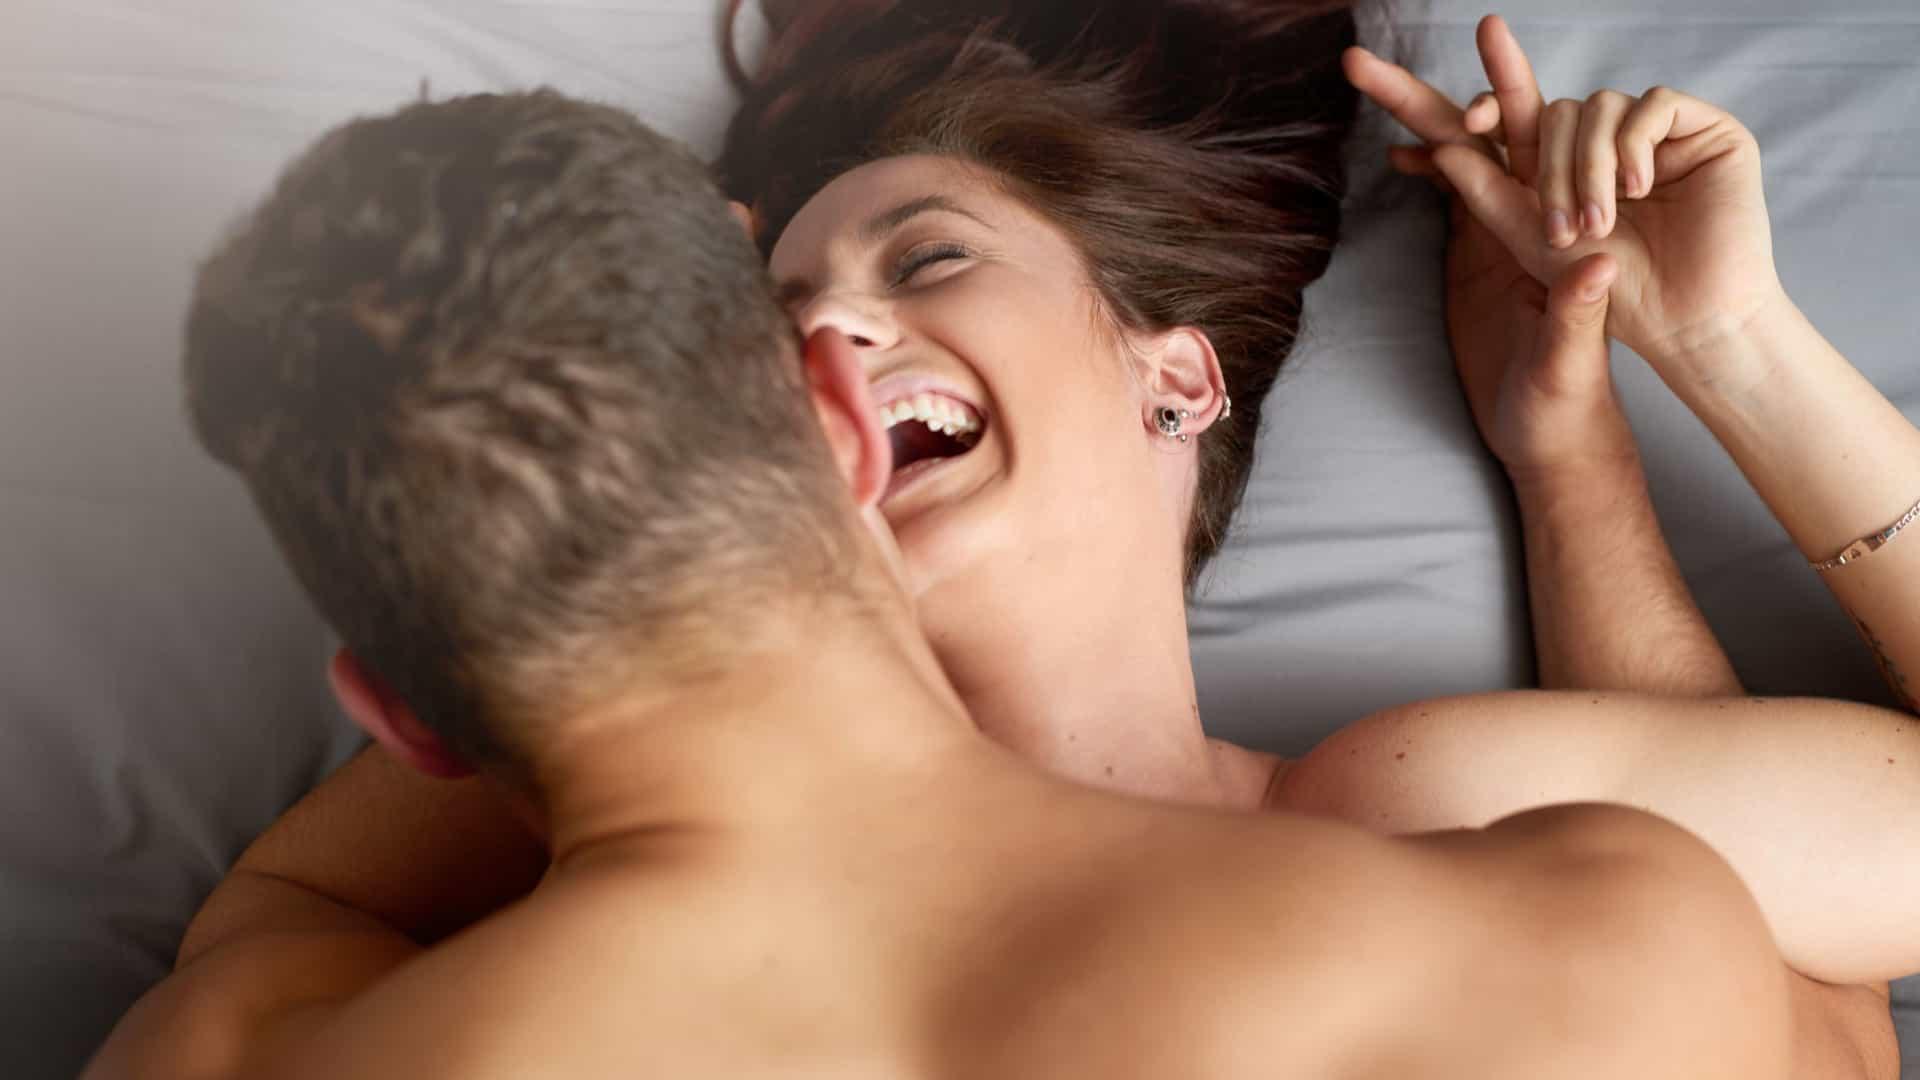 naom 5c1a3dcfab8c1 - De motel a menage: simule em casa fetiches 'proibidos' durante o isolamento